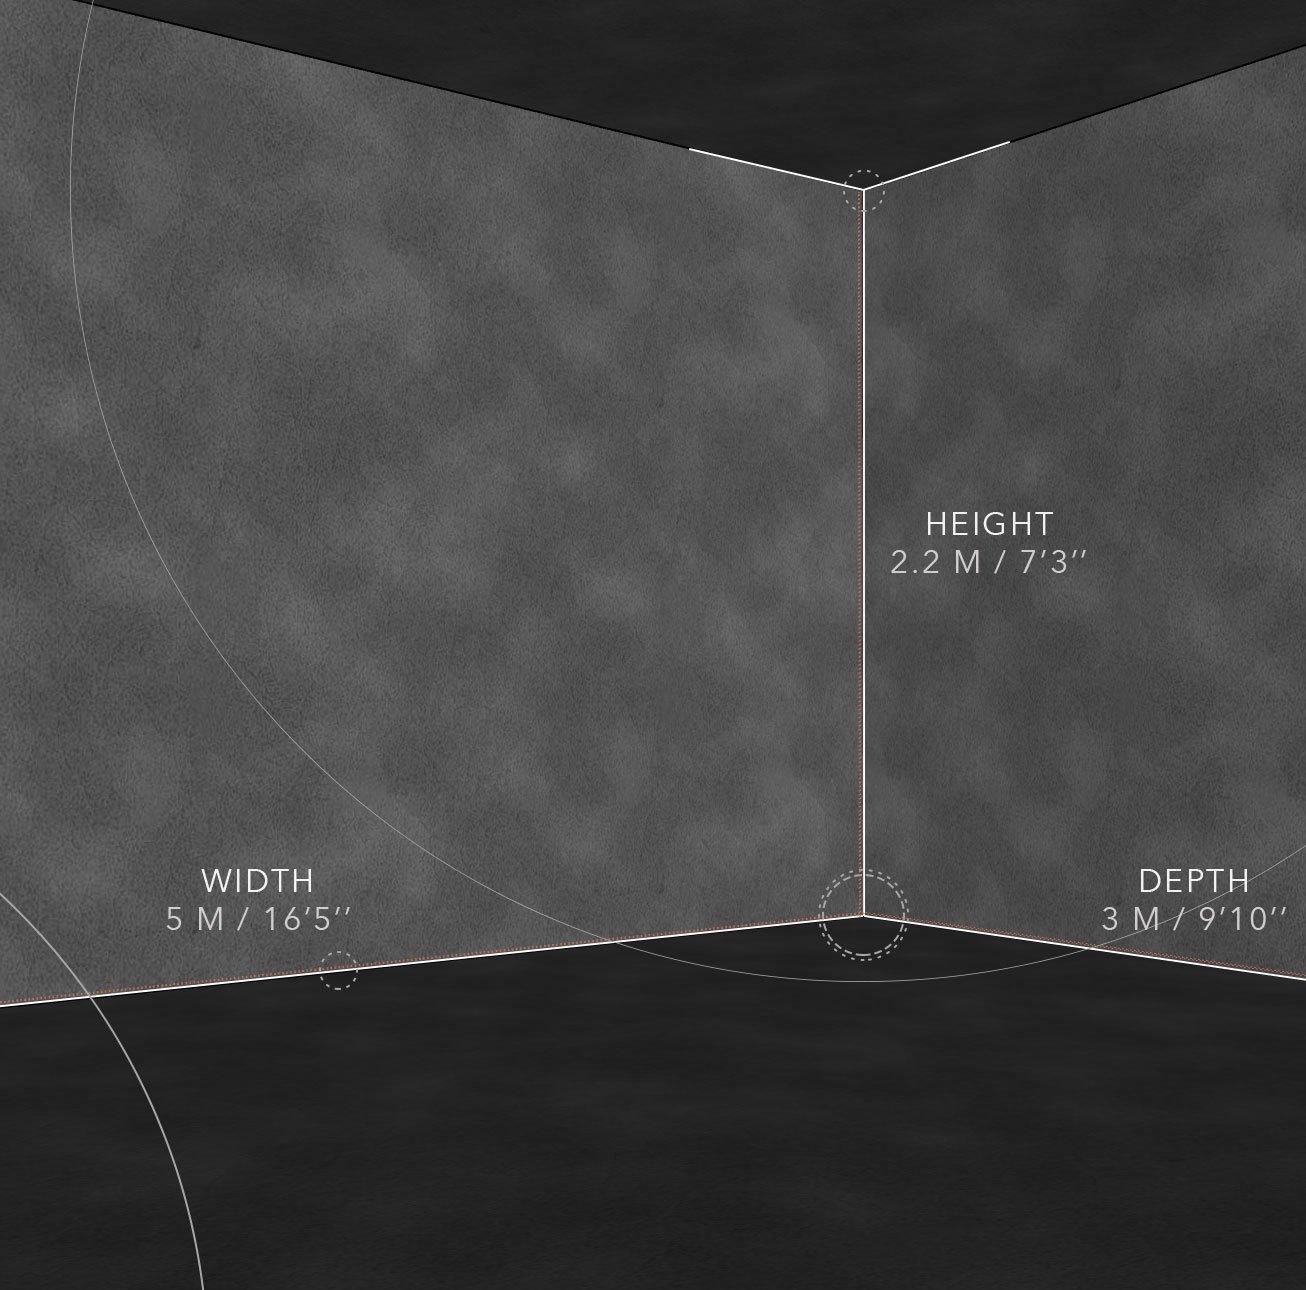 Shooting Simulator ST-2 Dimensions-PREMIUM PRO